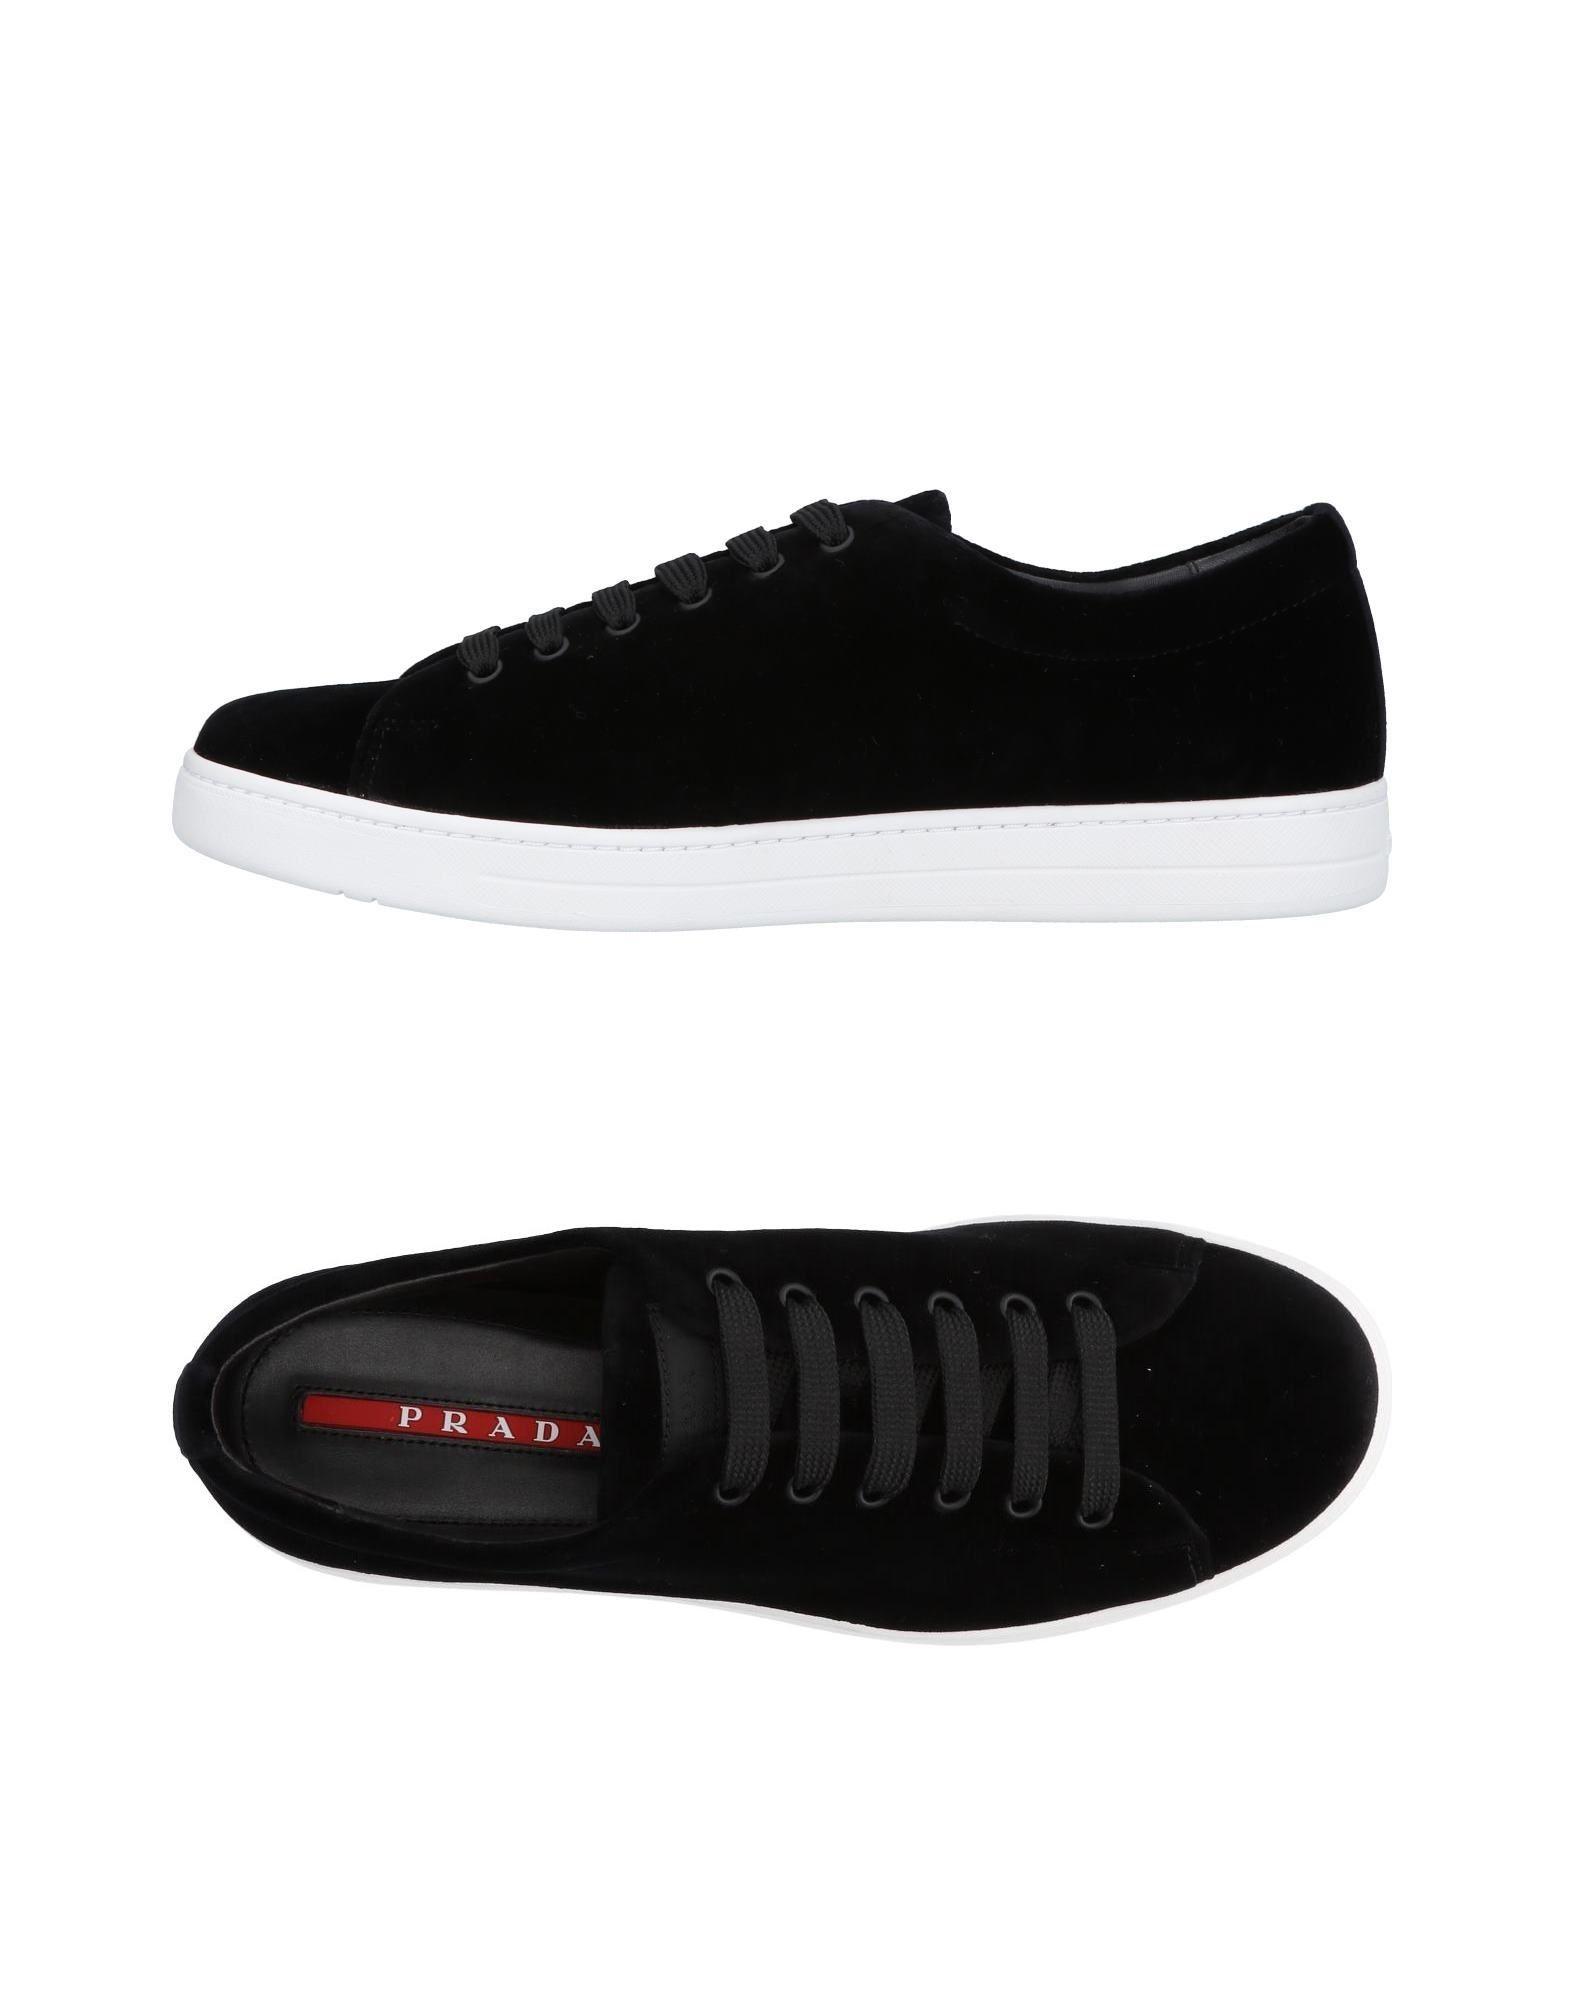 Prada Sport Sneakers Herren  11465027OM Gute Qualität beliebte Schuhe